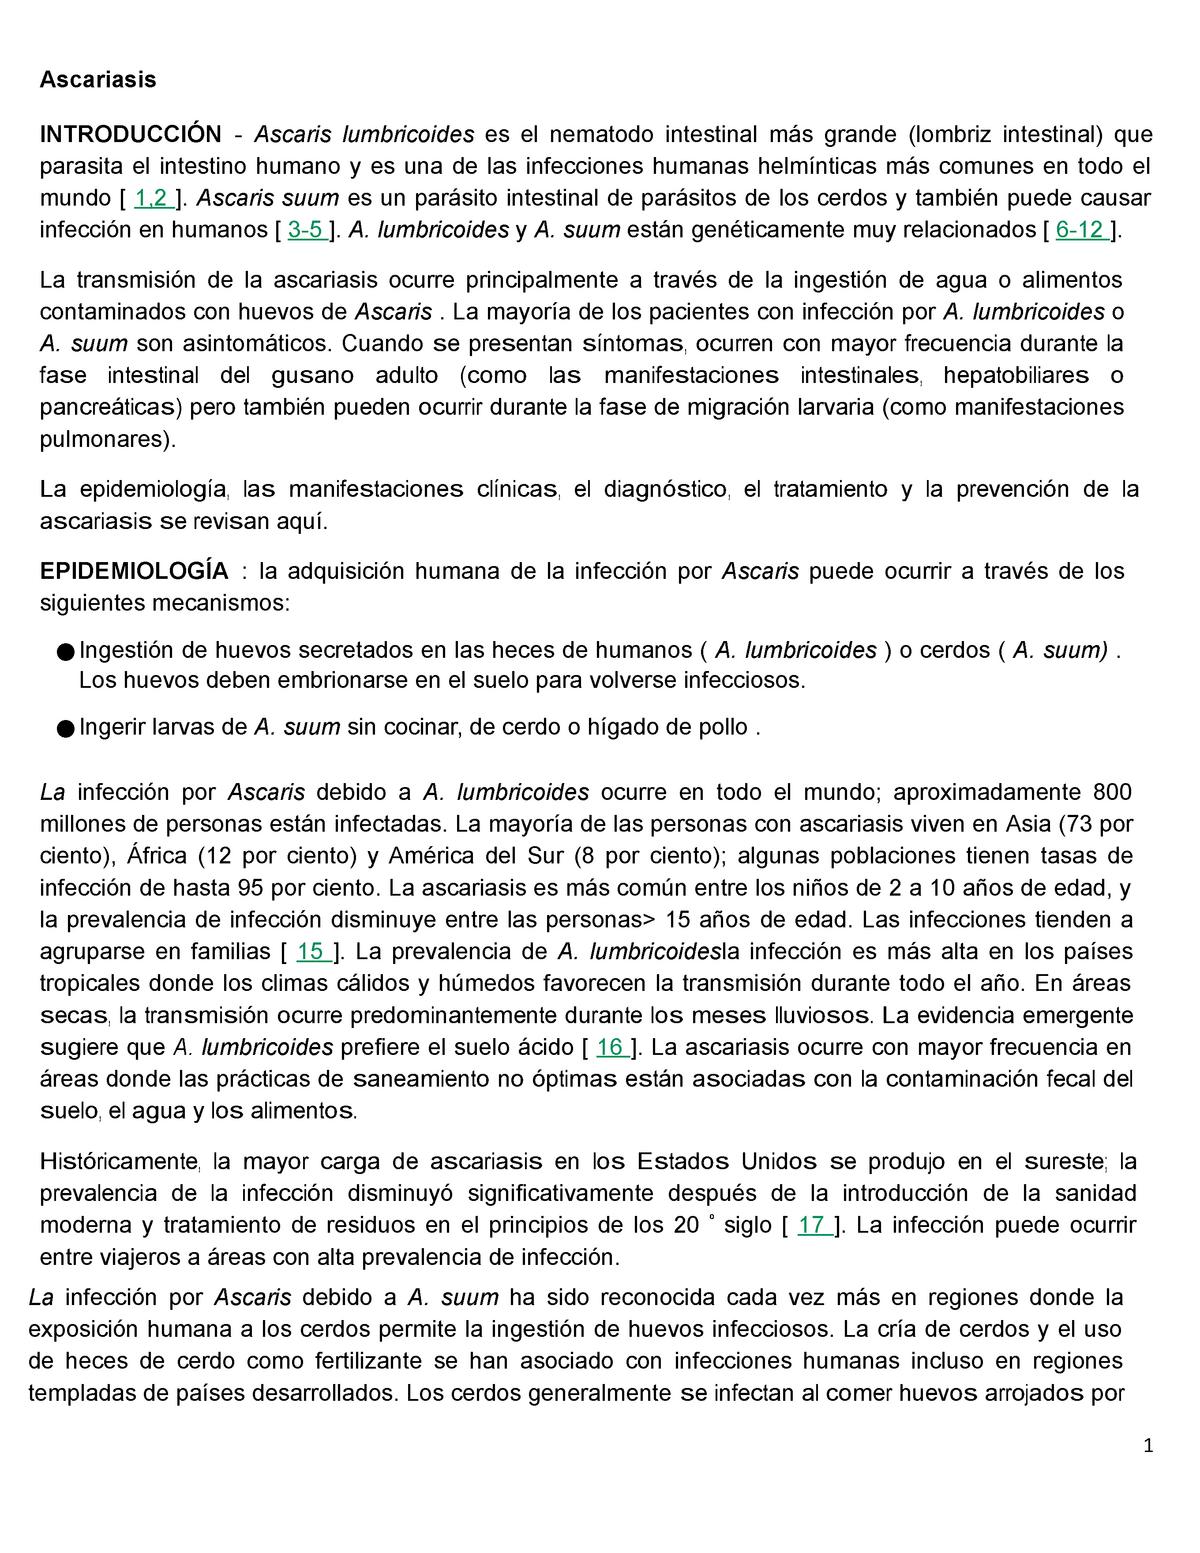 Ascariasis control parasito - Medicina humana - UPSJB - StuDocu